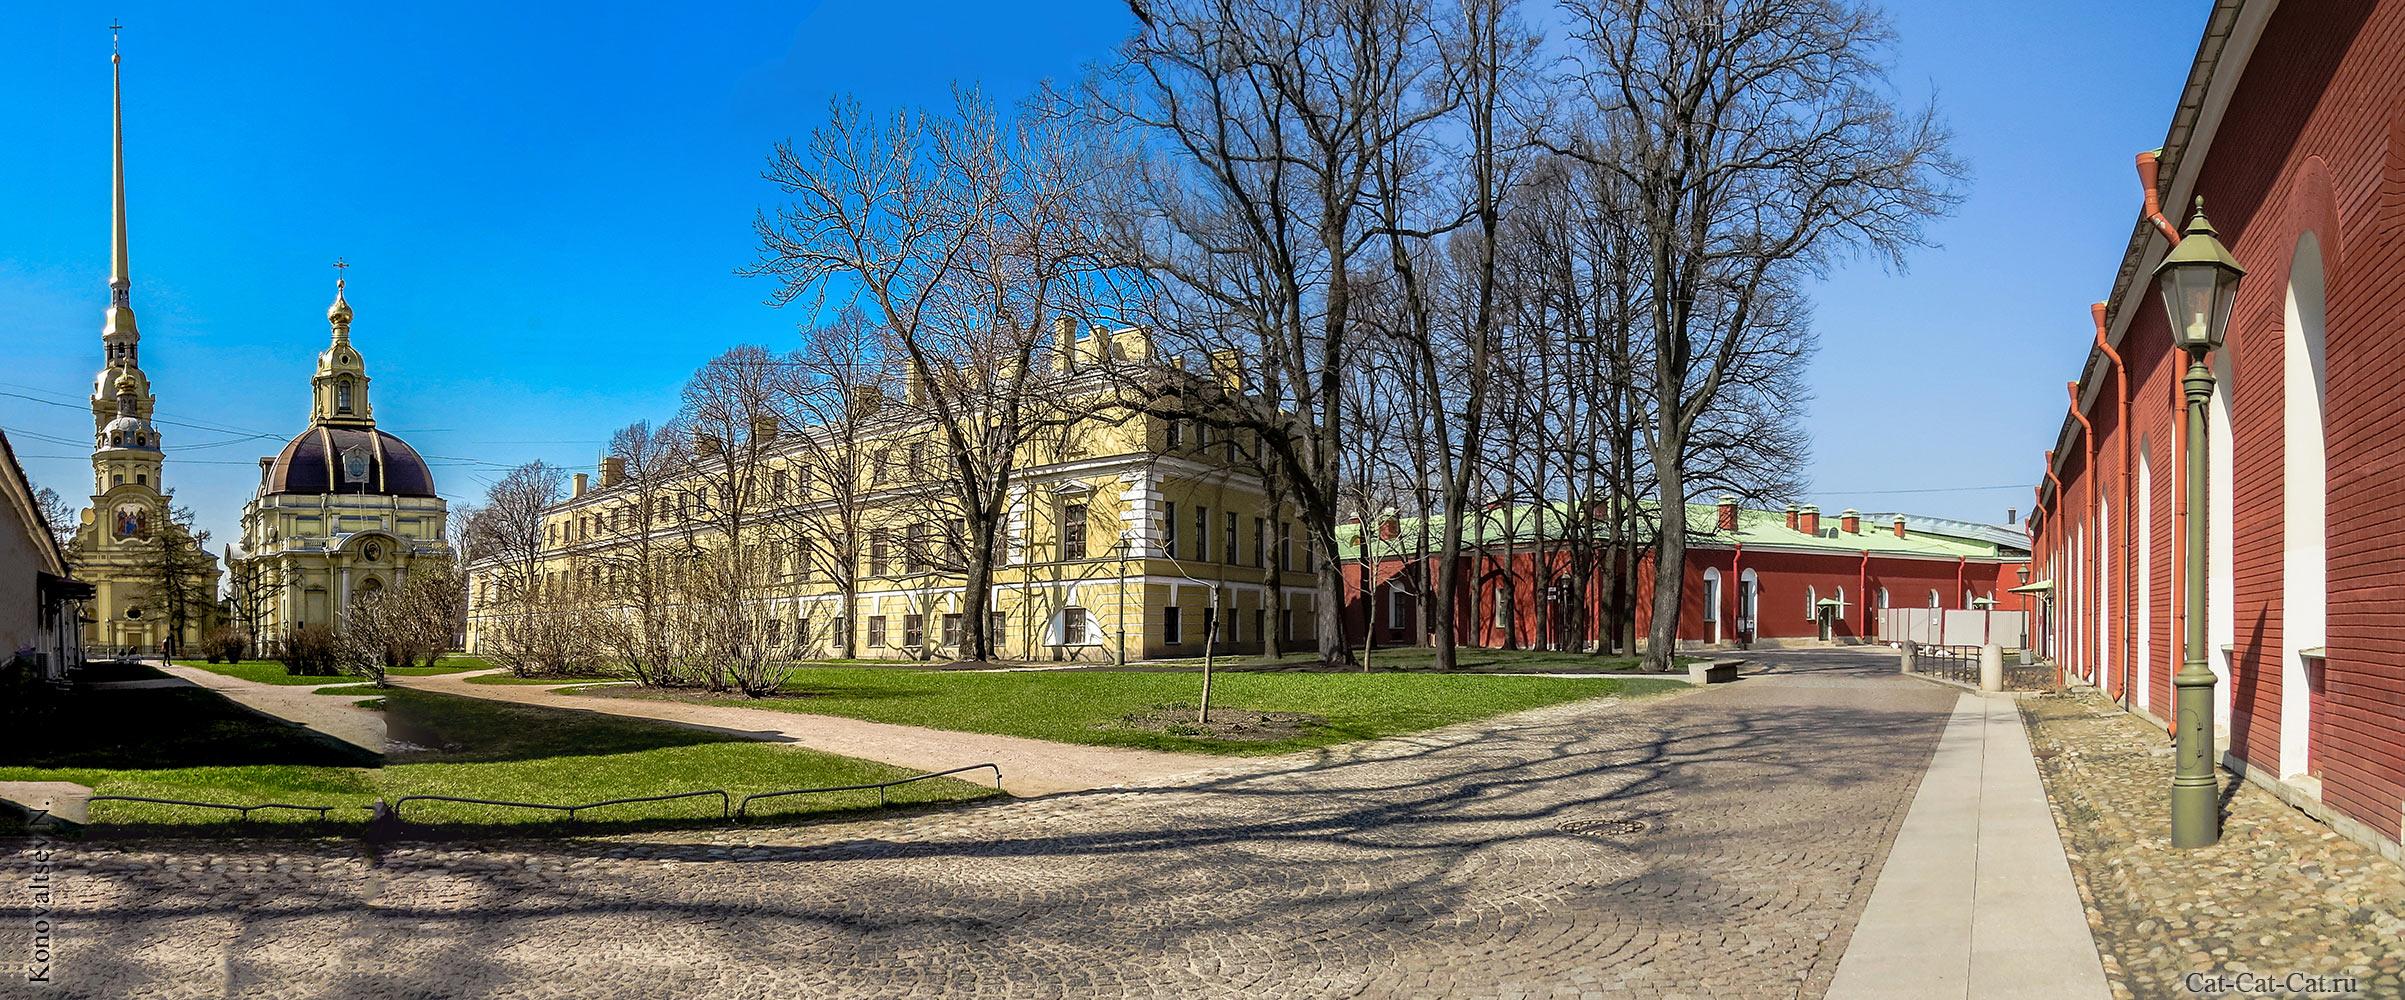 Петропавловский собор и Великокняжеская усыпальница. Панорама Санкт-Петербурга.